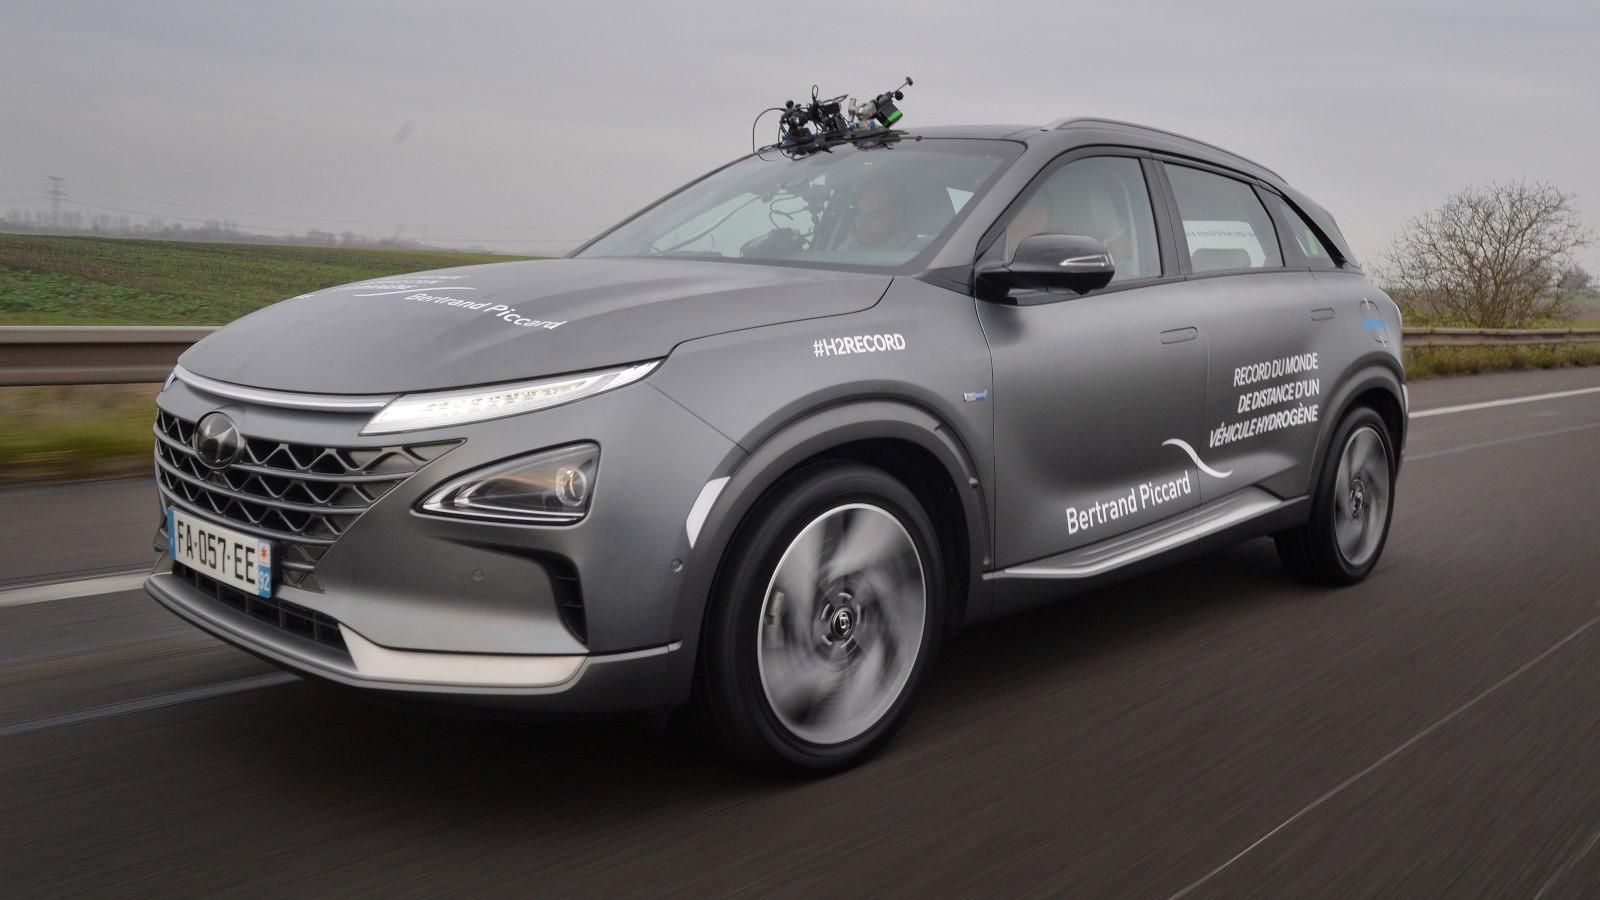 La Hyundai Nexo lleva 3 tanques de combustible de 52 litros cada uno